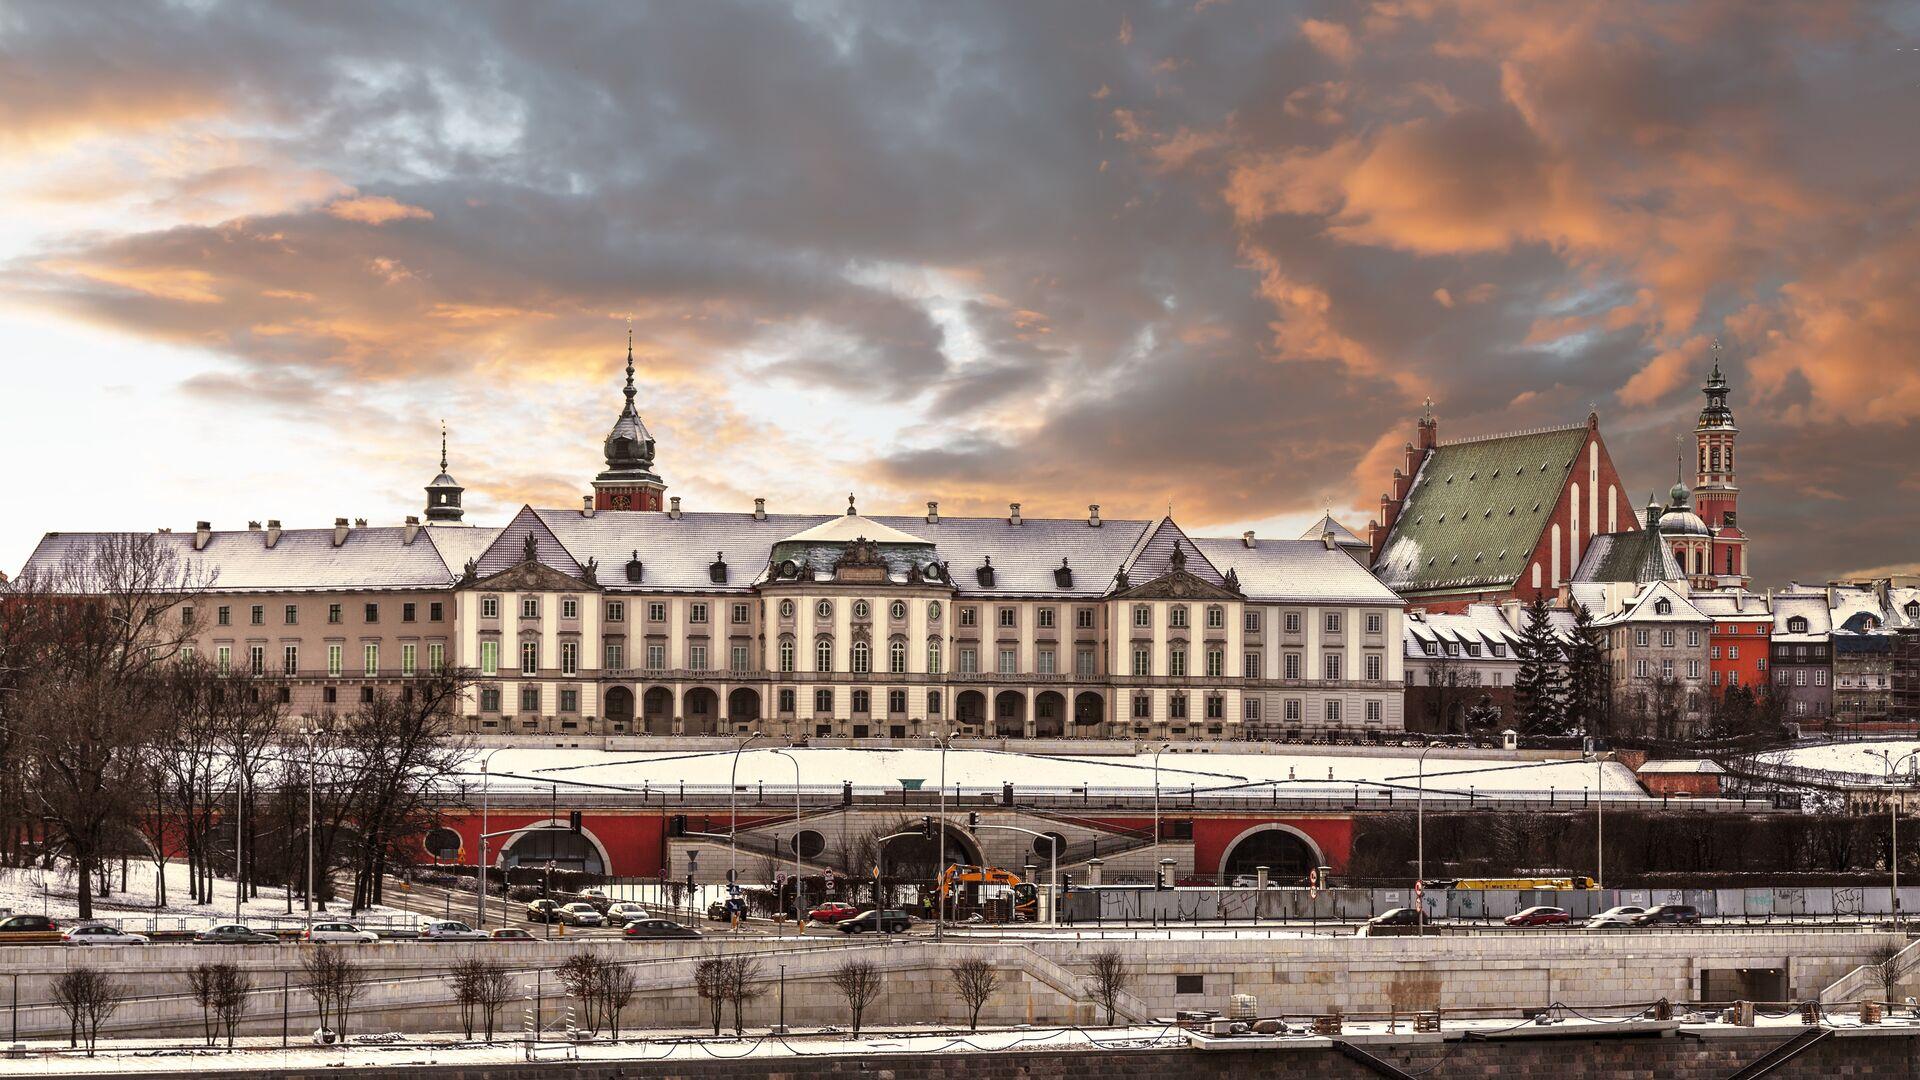 Вид замка и реки Висла в Старом городе Варшавы, Польша - РИА Новости, 1920, 27.01.2021